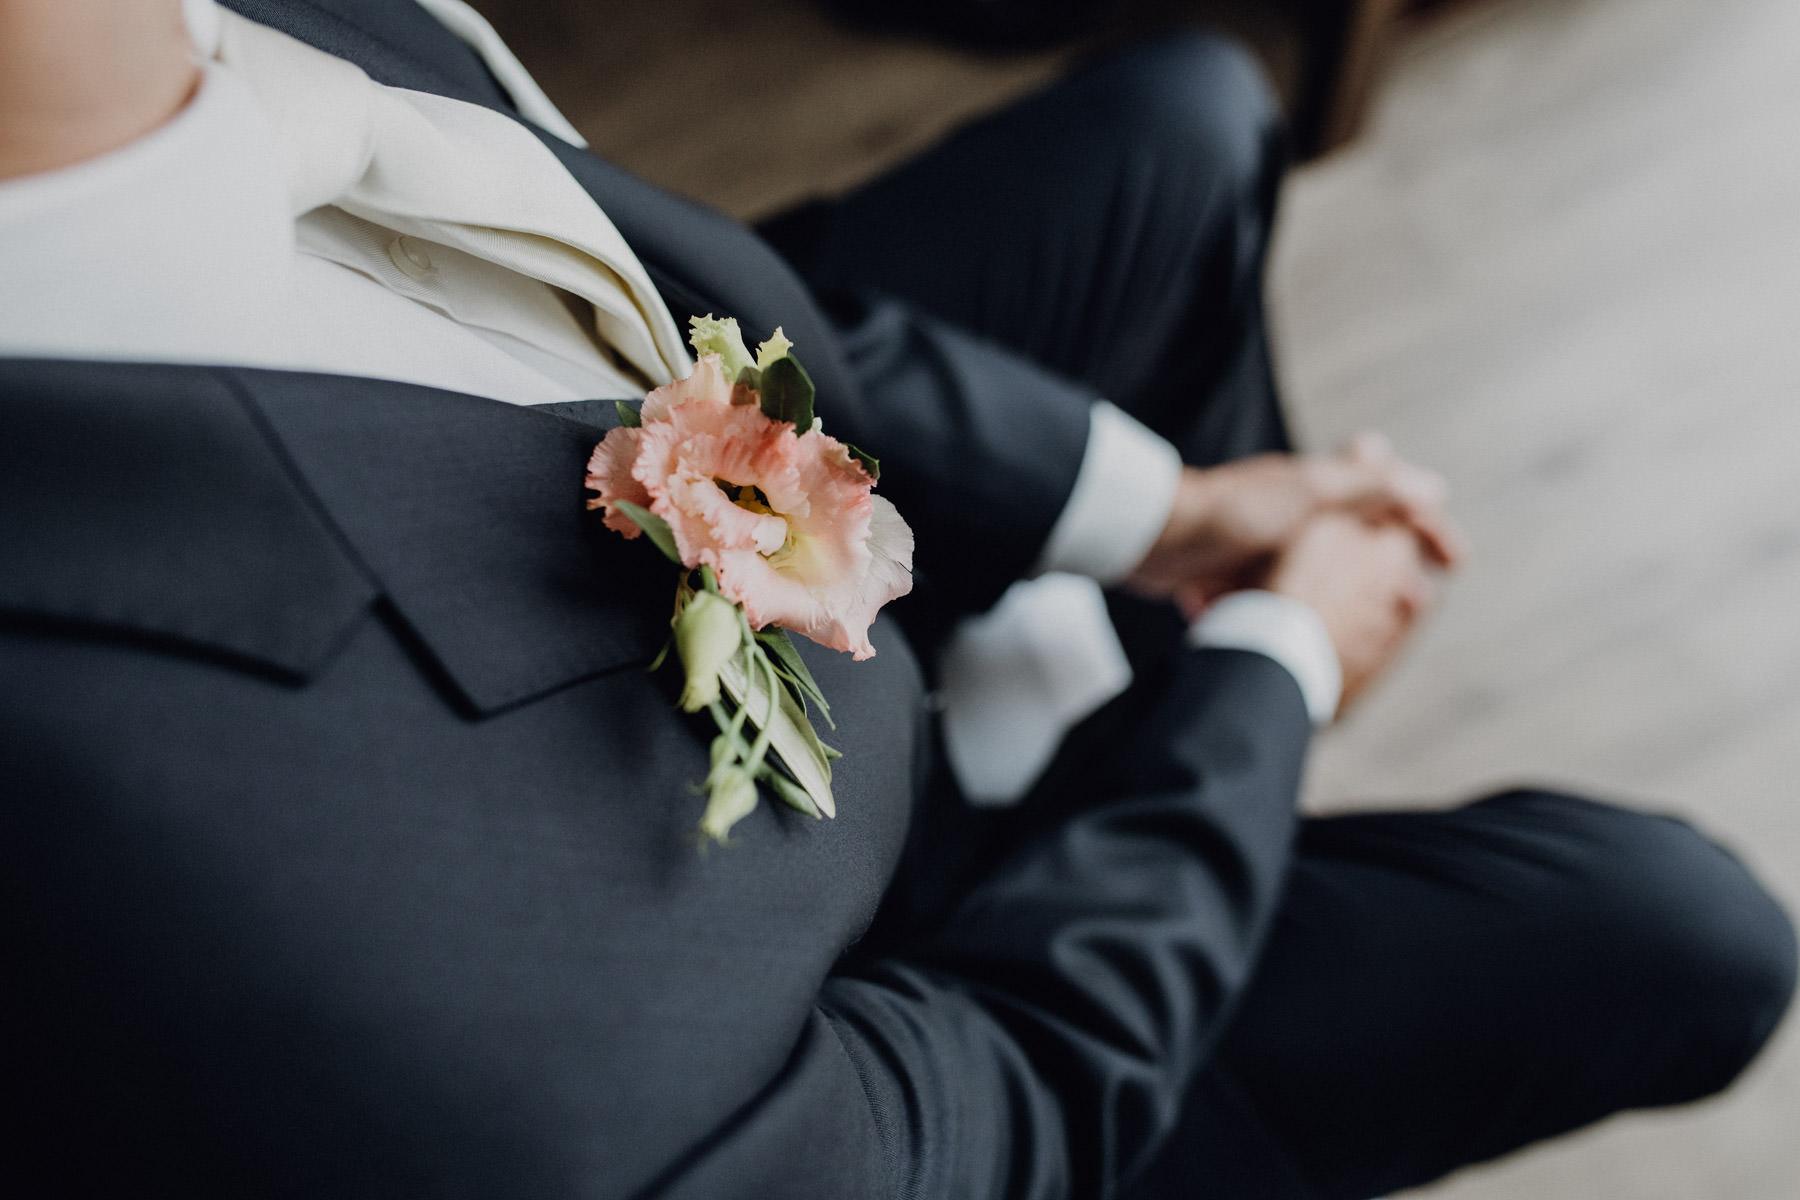 Natürliches Hochzeitsportrait vom Bräutigam